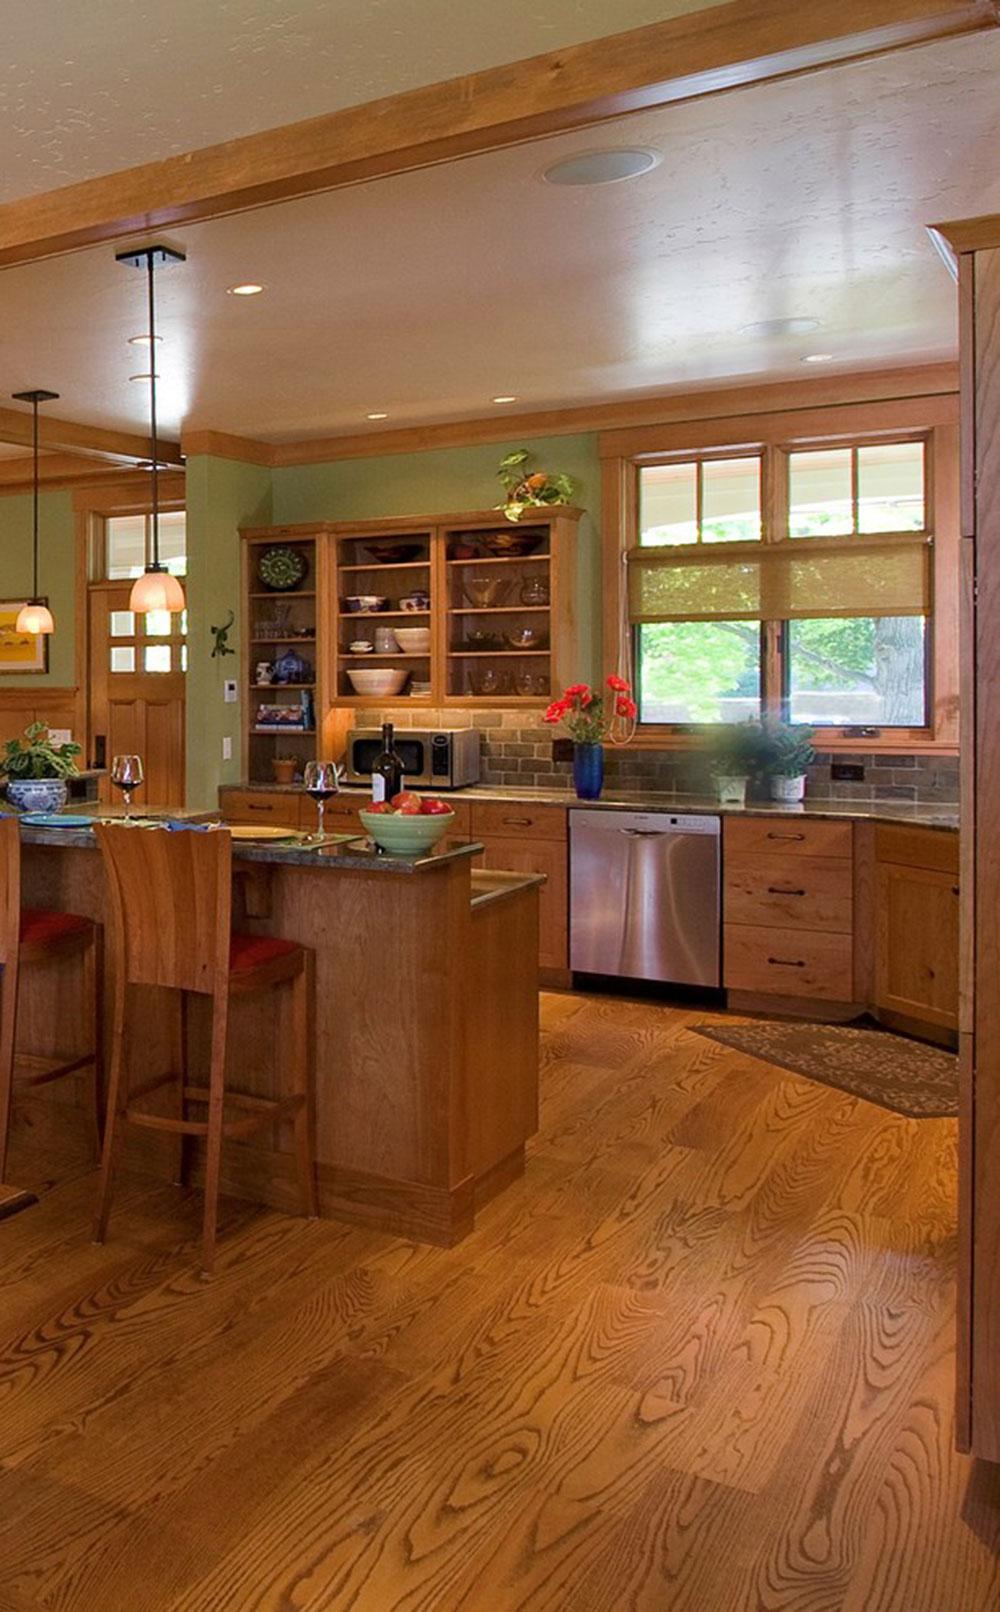 Öppna köksskåp är lättare att använda11 Öppna köksskåp är lättare att använda